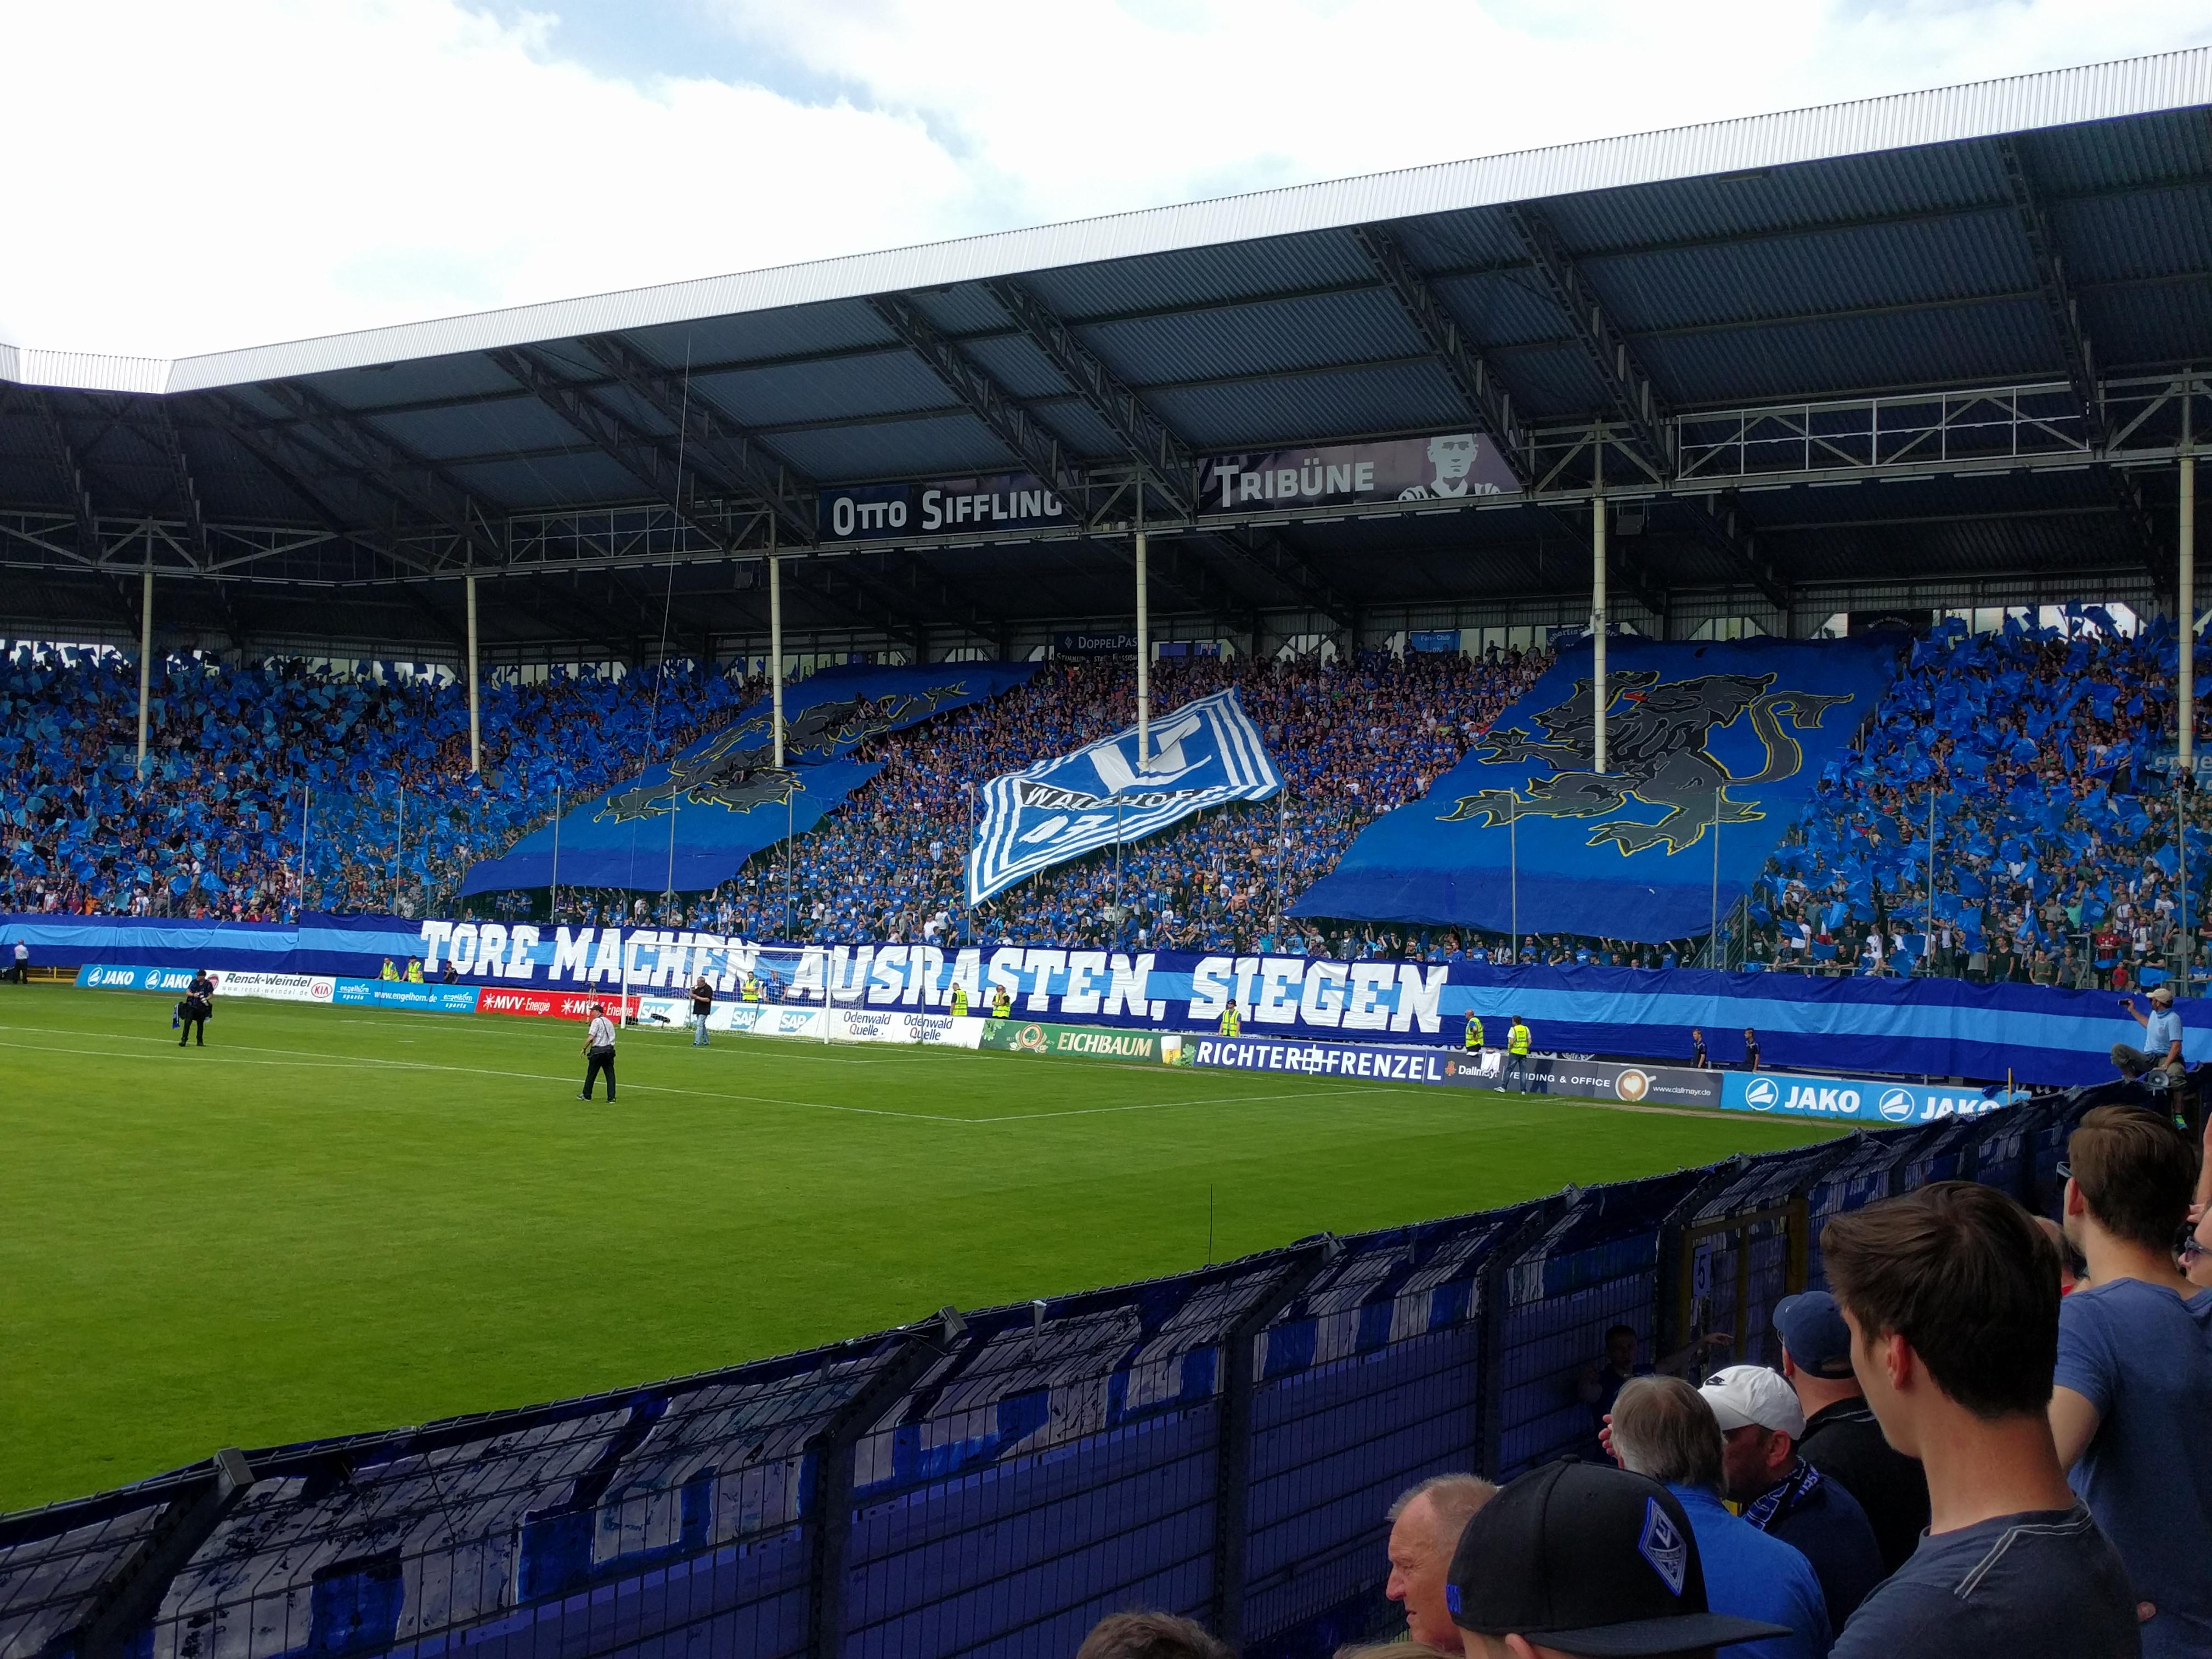 Datei:Otto Siffling Tribüne im Carl-Benz-Stadion des SV Waldhof Mannheim 07.jpg